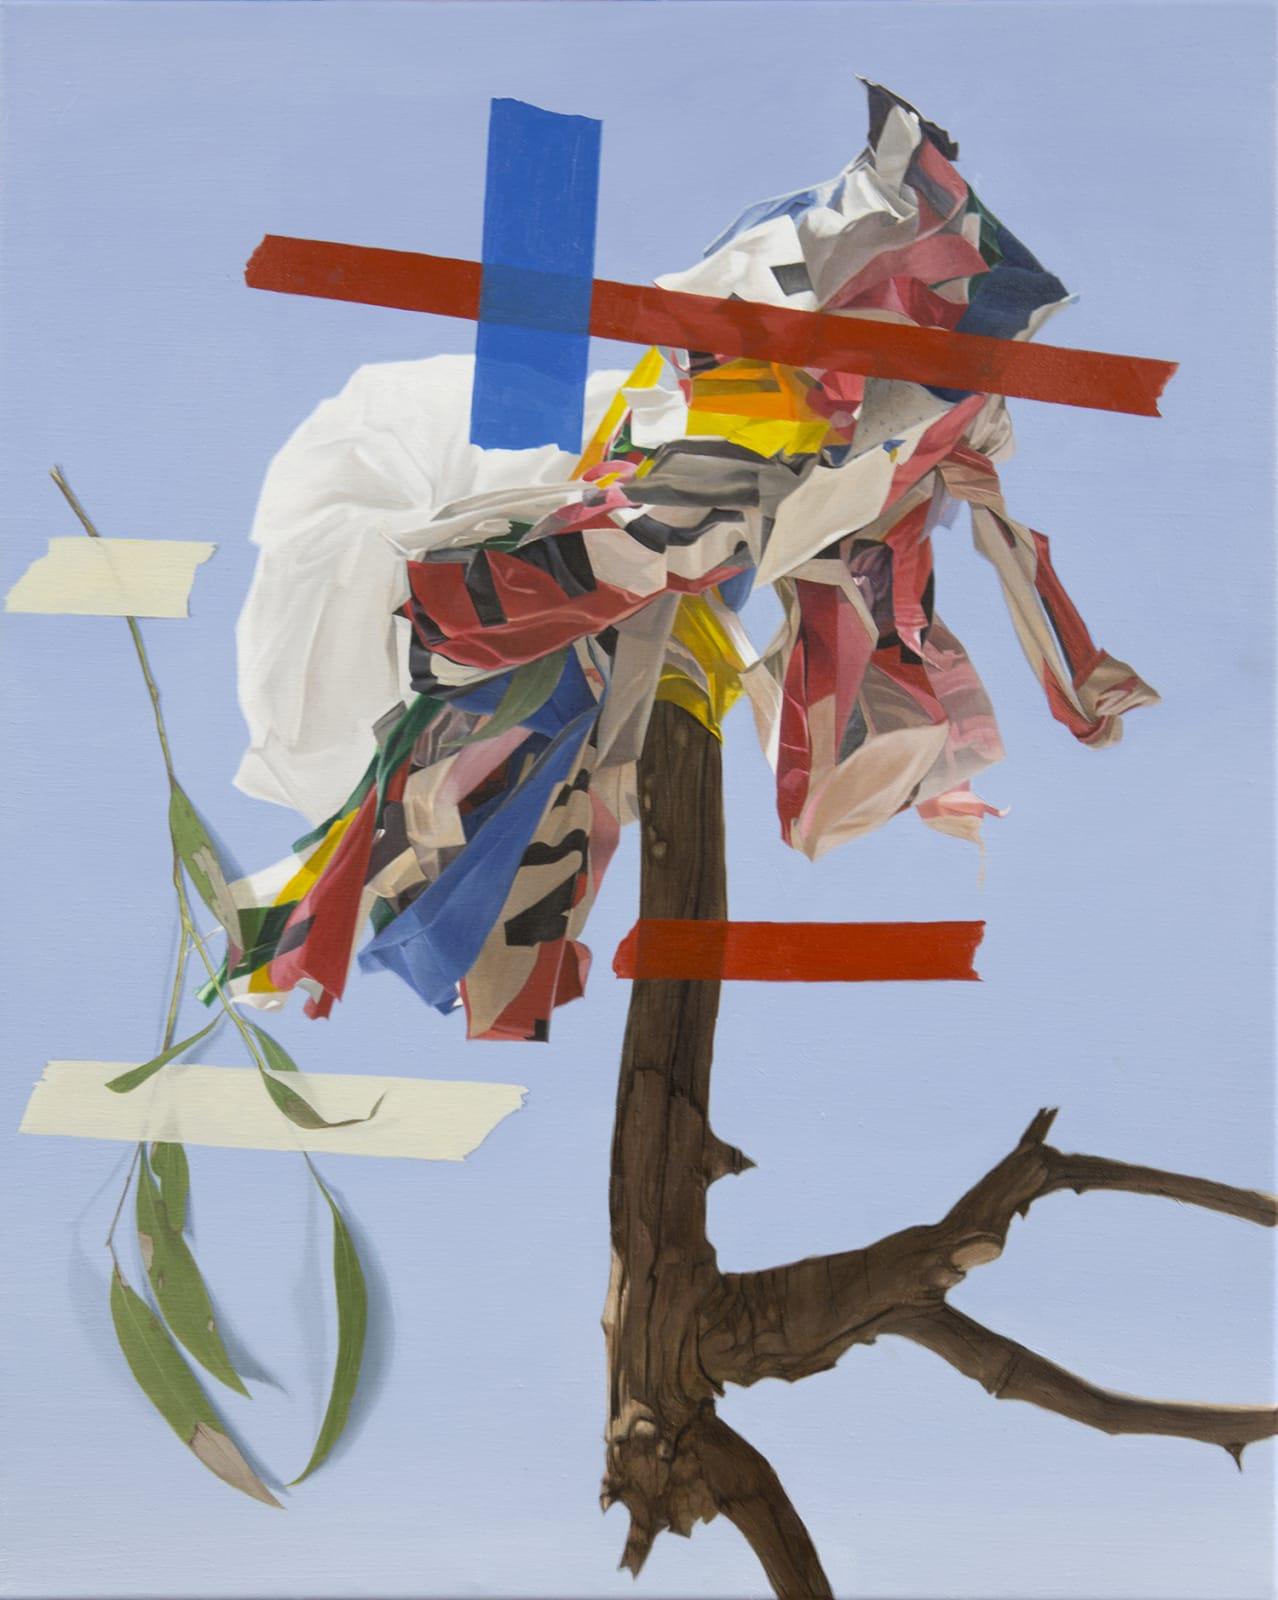 Juan Ford, El Lissitzky Would Approve, 2016